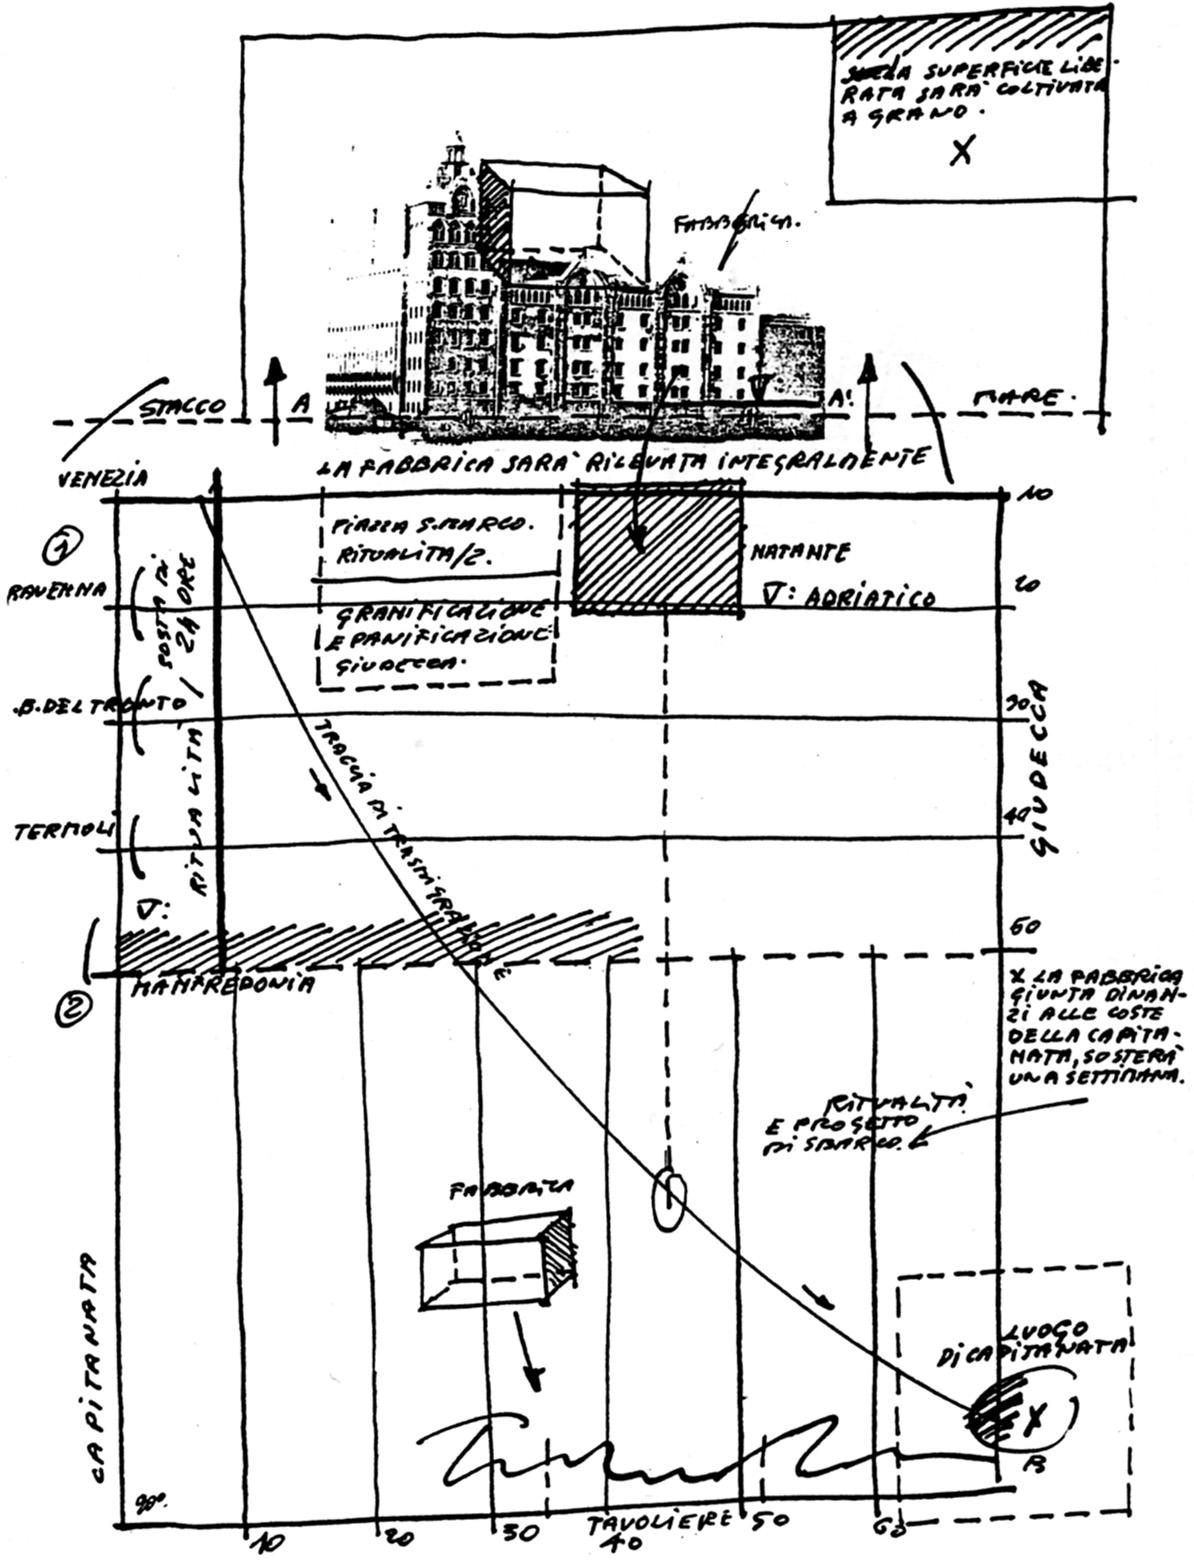 Fasi del Progetto di trasmigrazione del Molino - 3